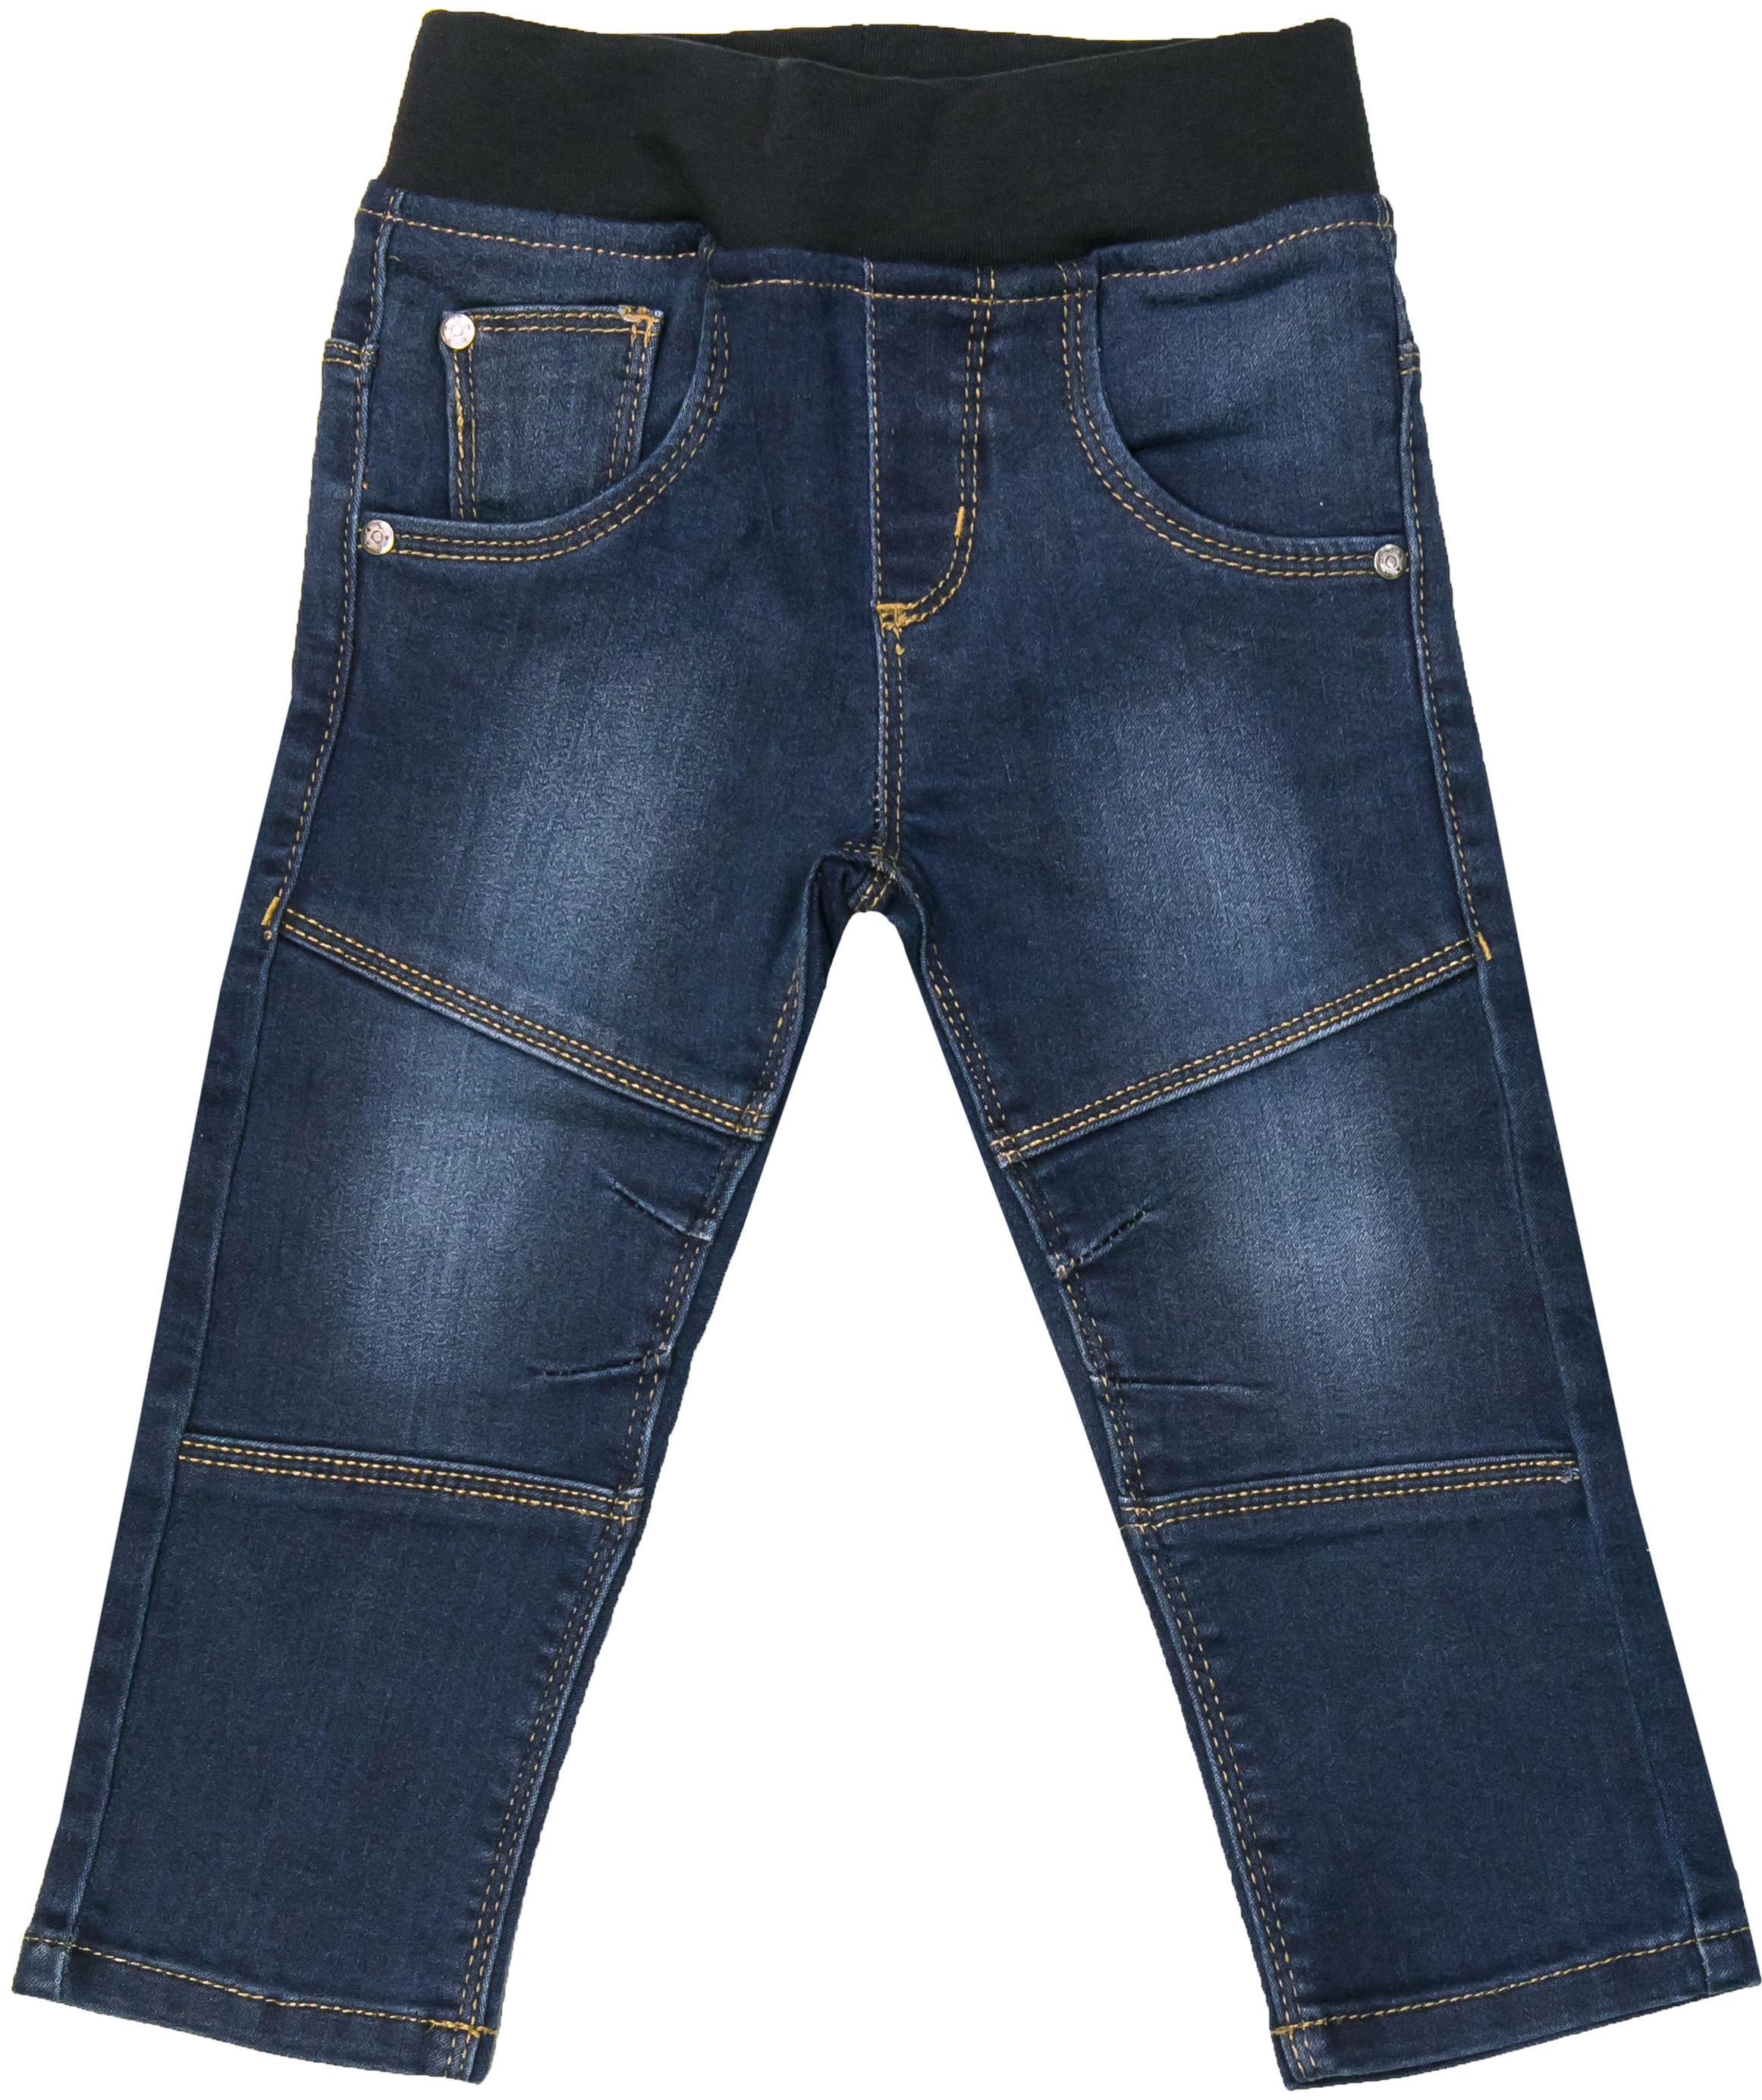 Брюки для мальчика Barkito Джинсы Автомонстр синие jamie тенденция детей мужского пола несут jmbear дикий ковбойские джинсы семь джинсы синие брюки 882 515 307 140